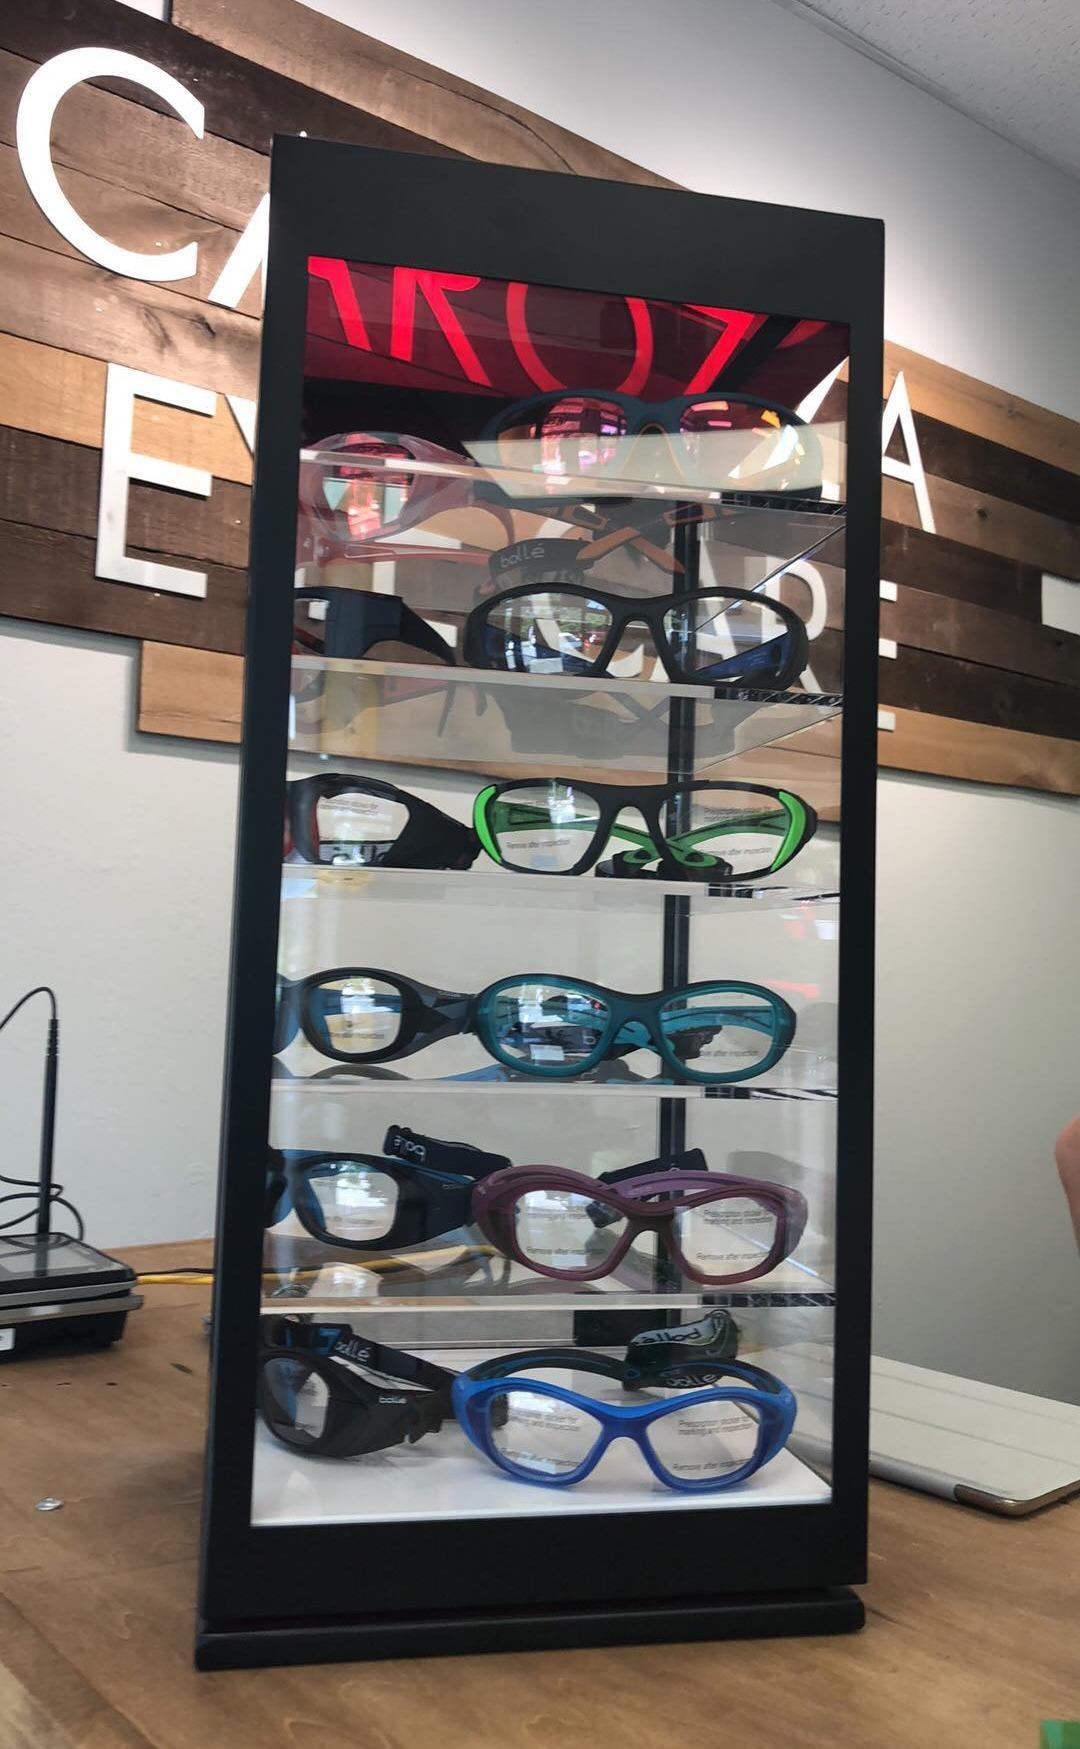 Carozza Eye Care image 4